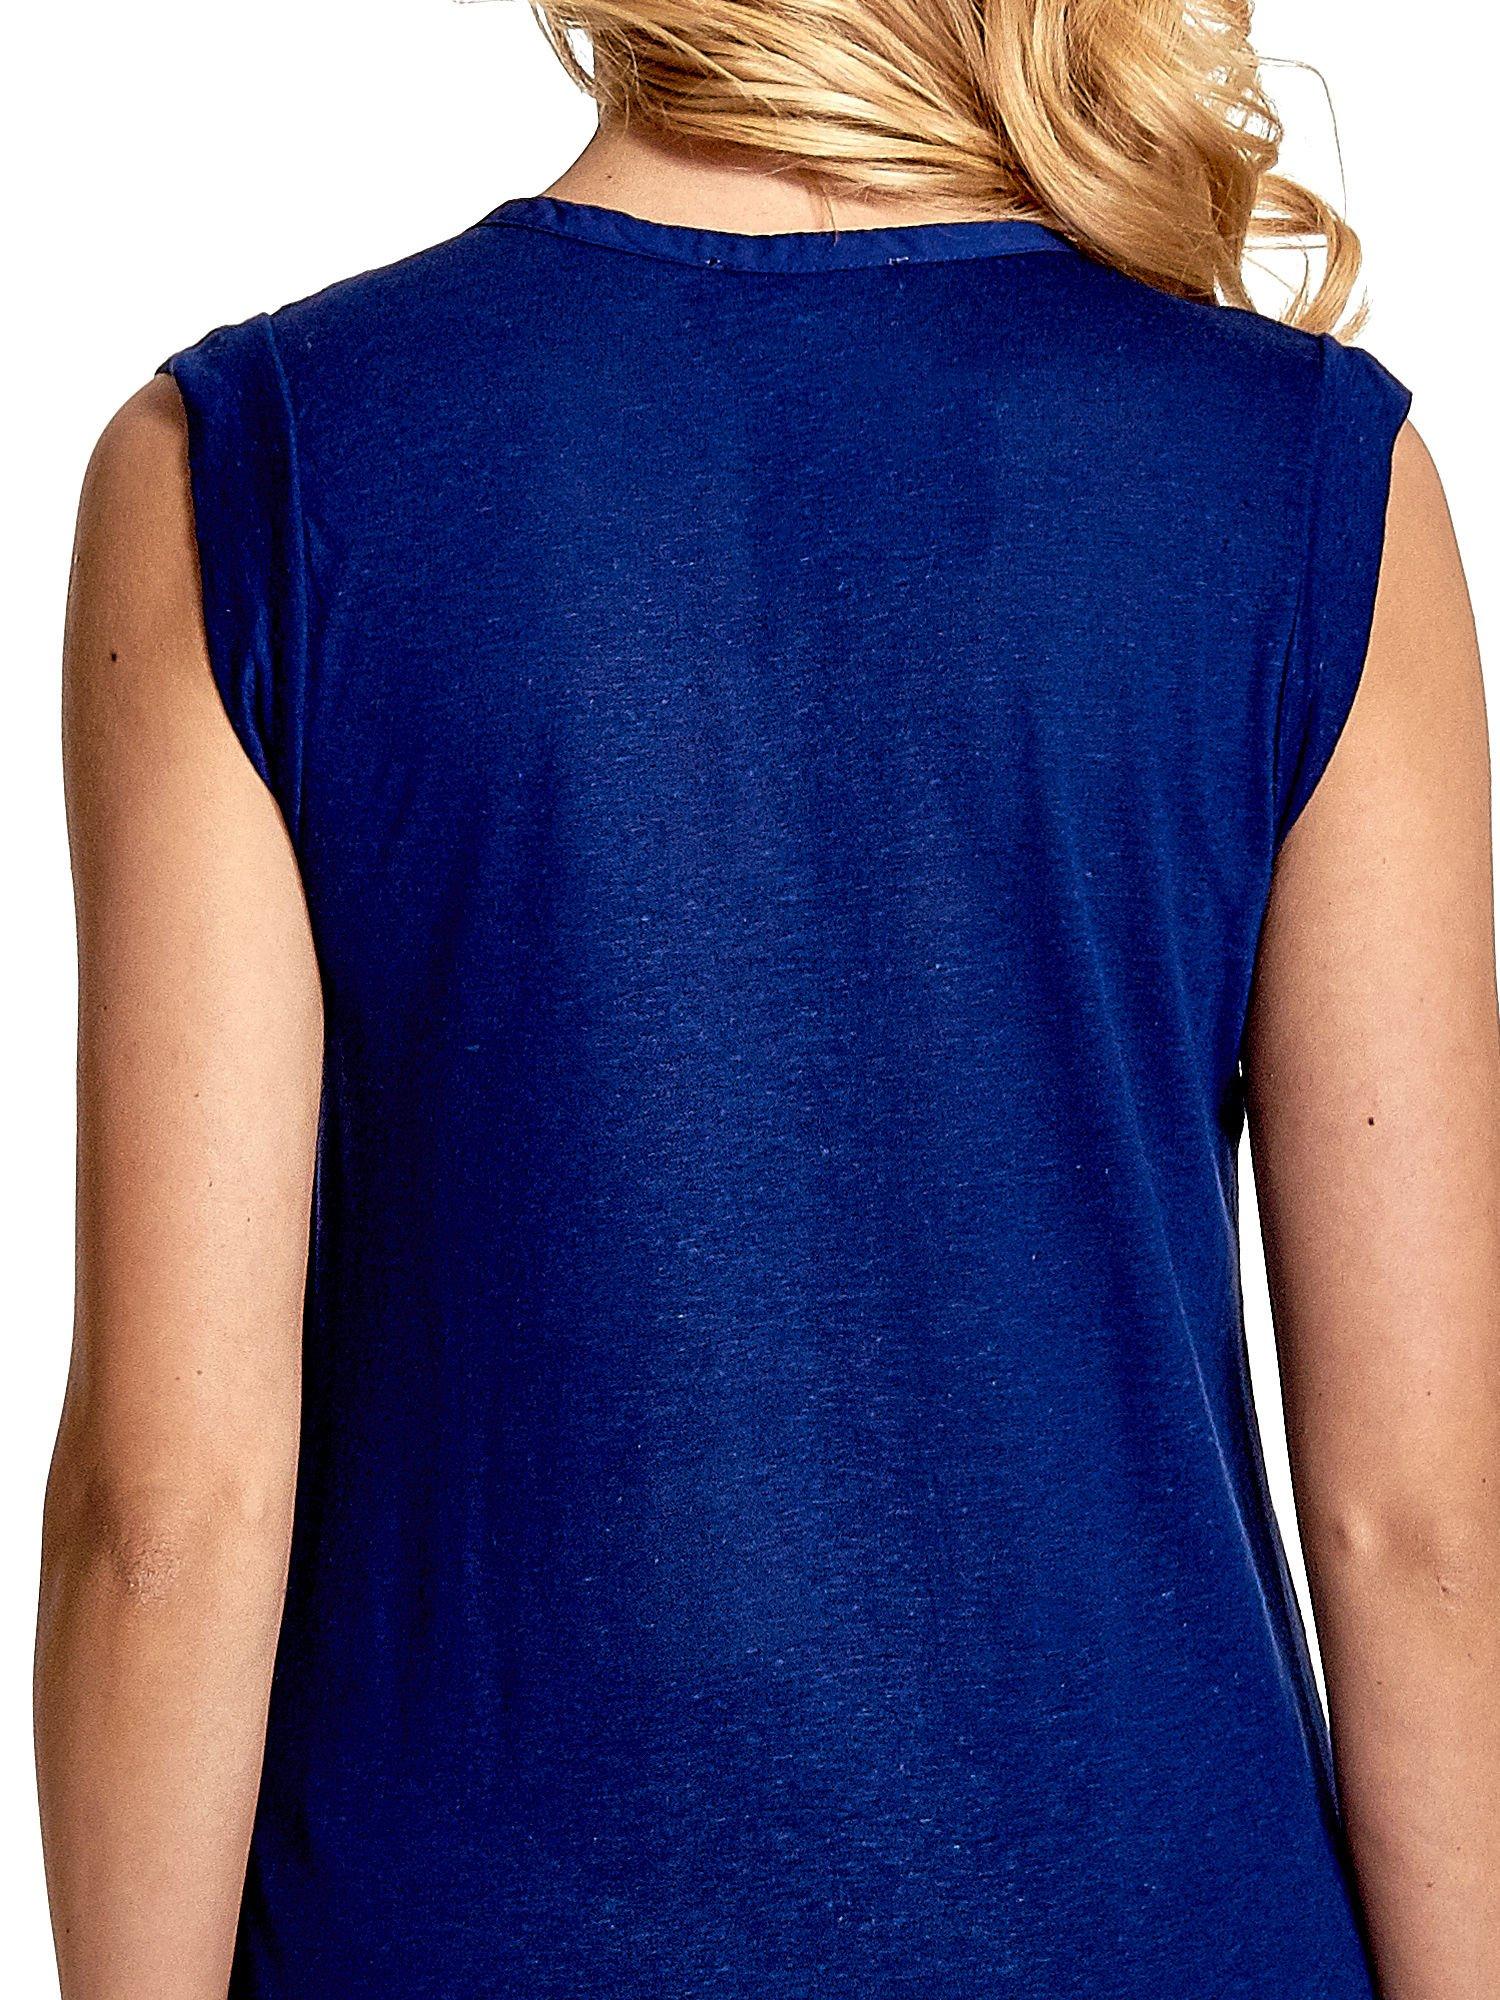 Granatowy długi t-shirt z łączonych materiałów                                  zdj.                                  6